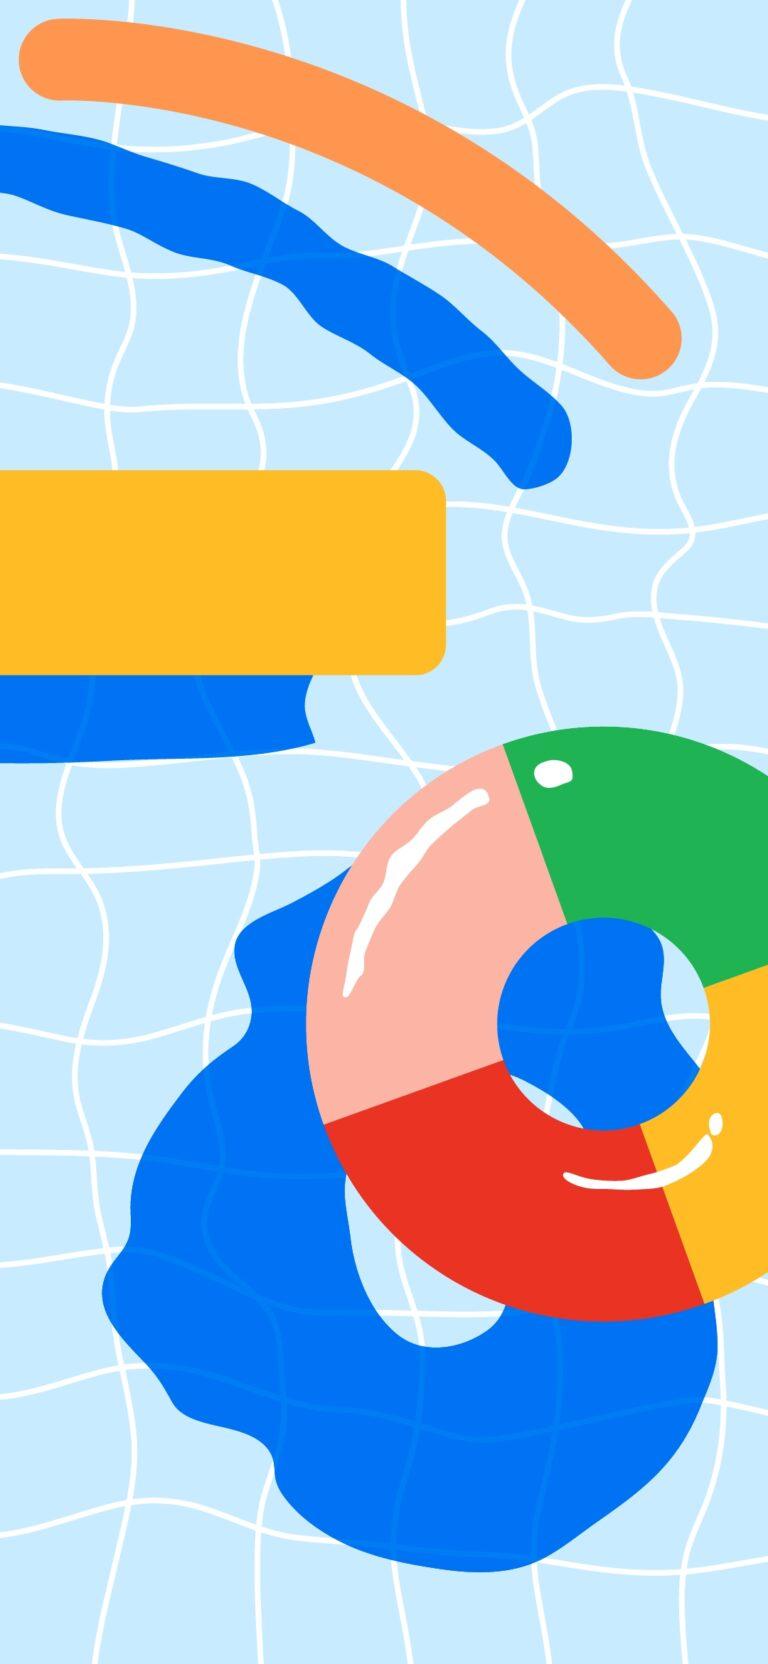 Pixel4a wallpaper 11